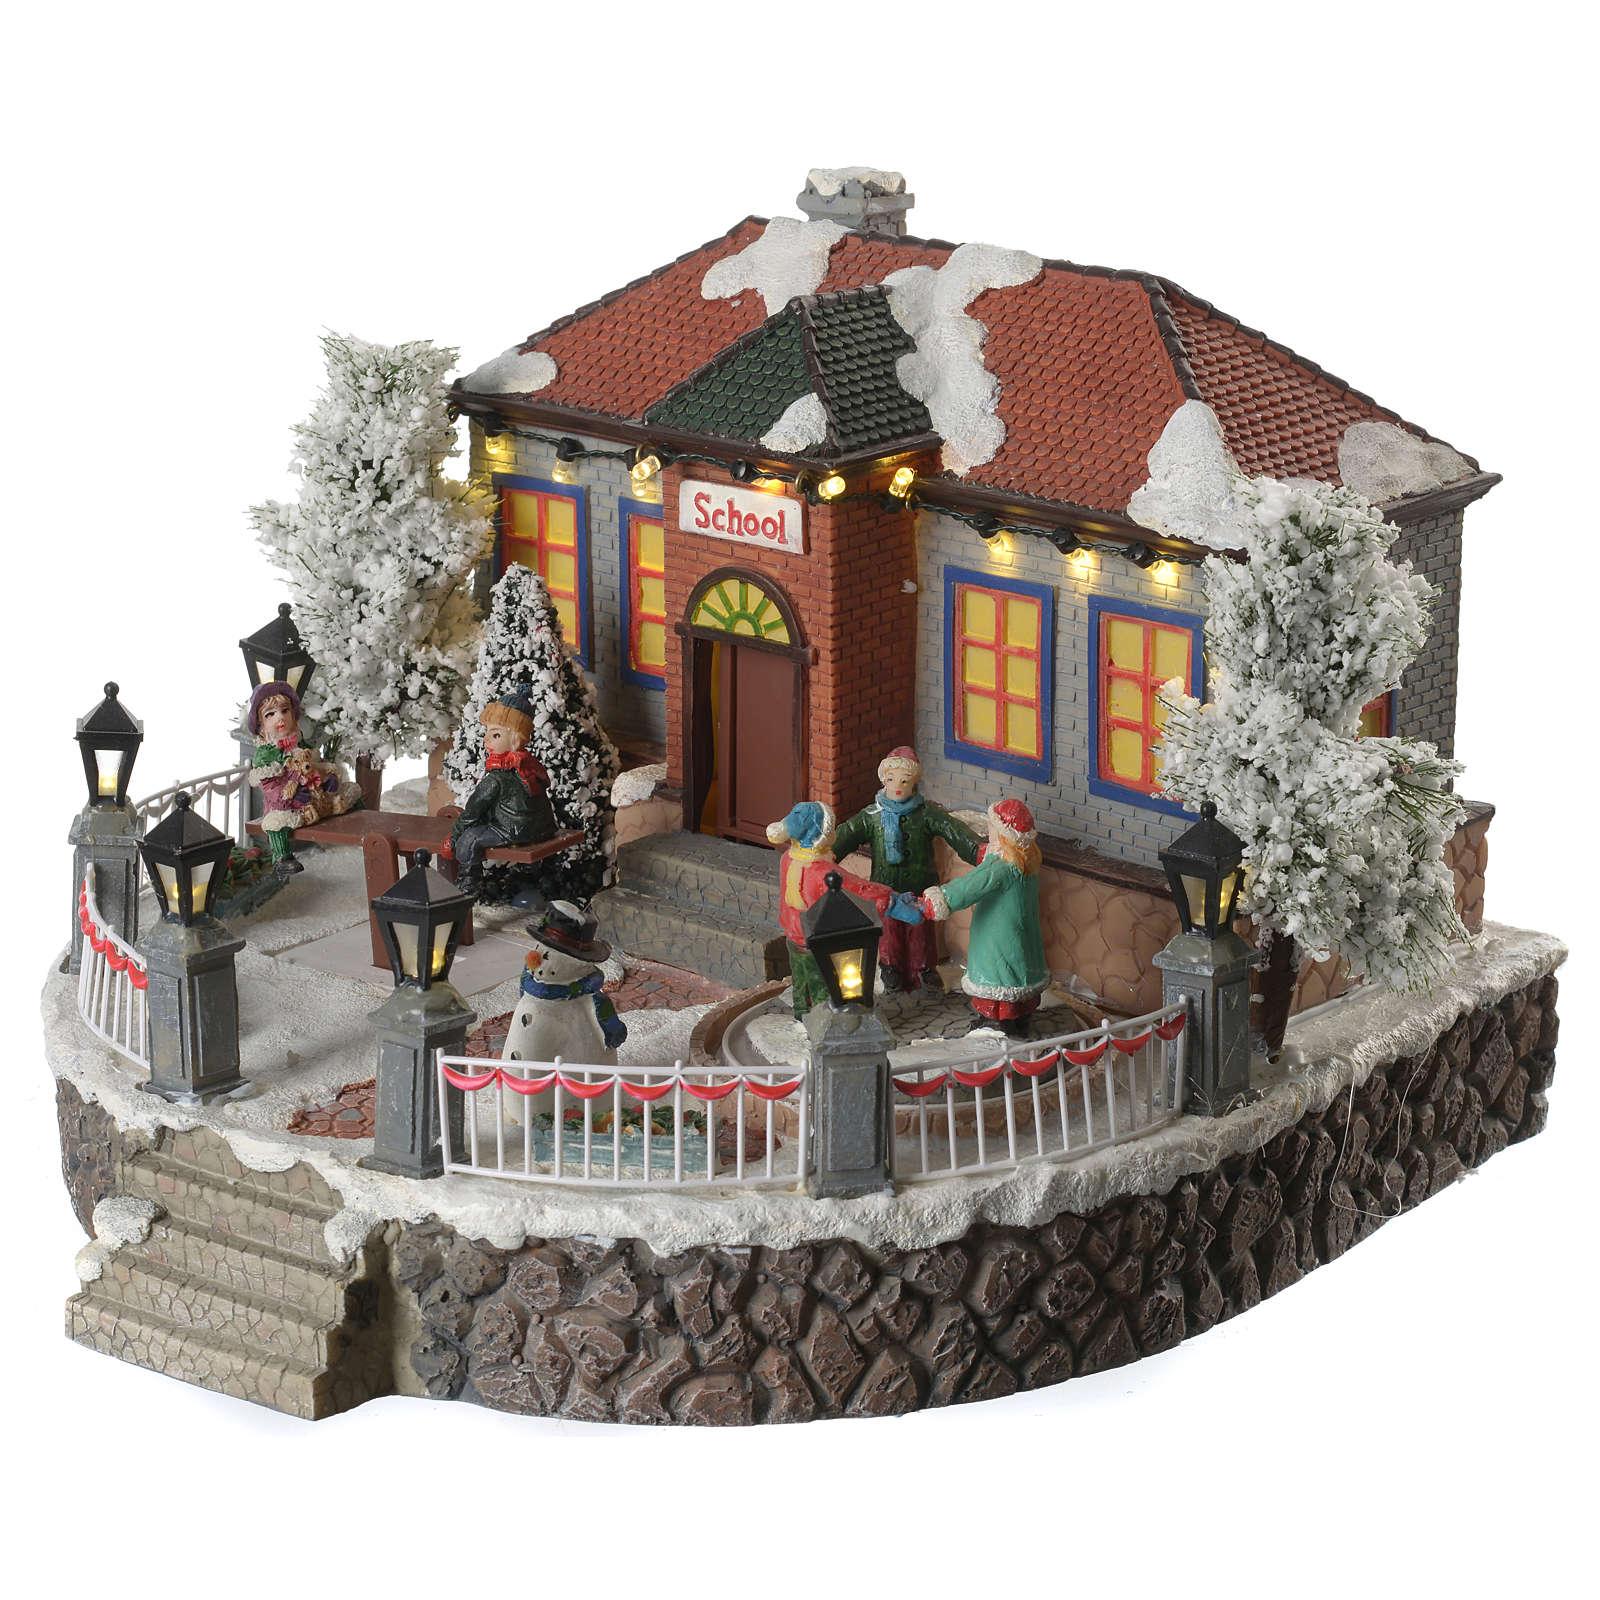 Scuola villaggio invernale musicale 25x25x15 cm 3